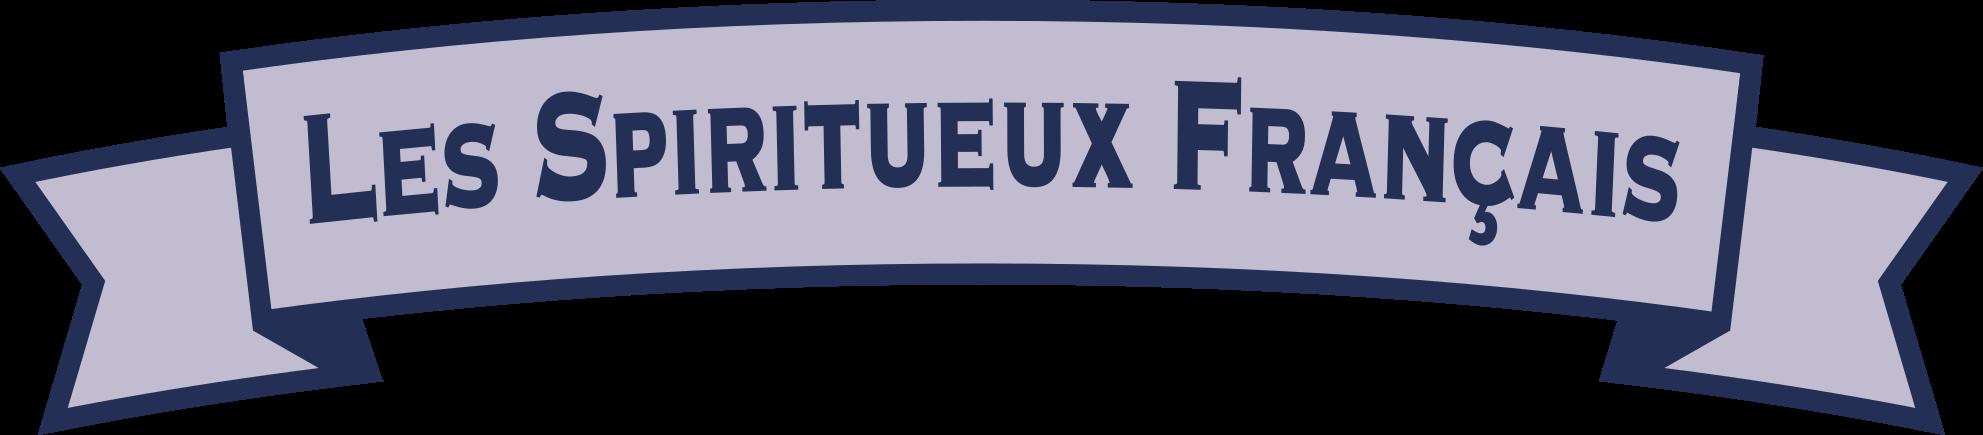 Les Spiritueux Français